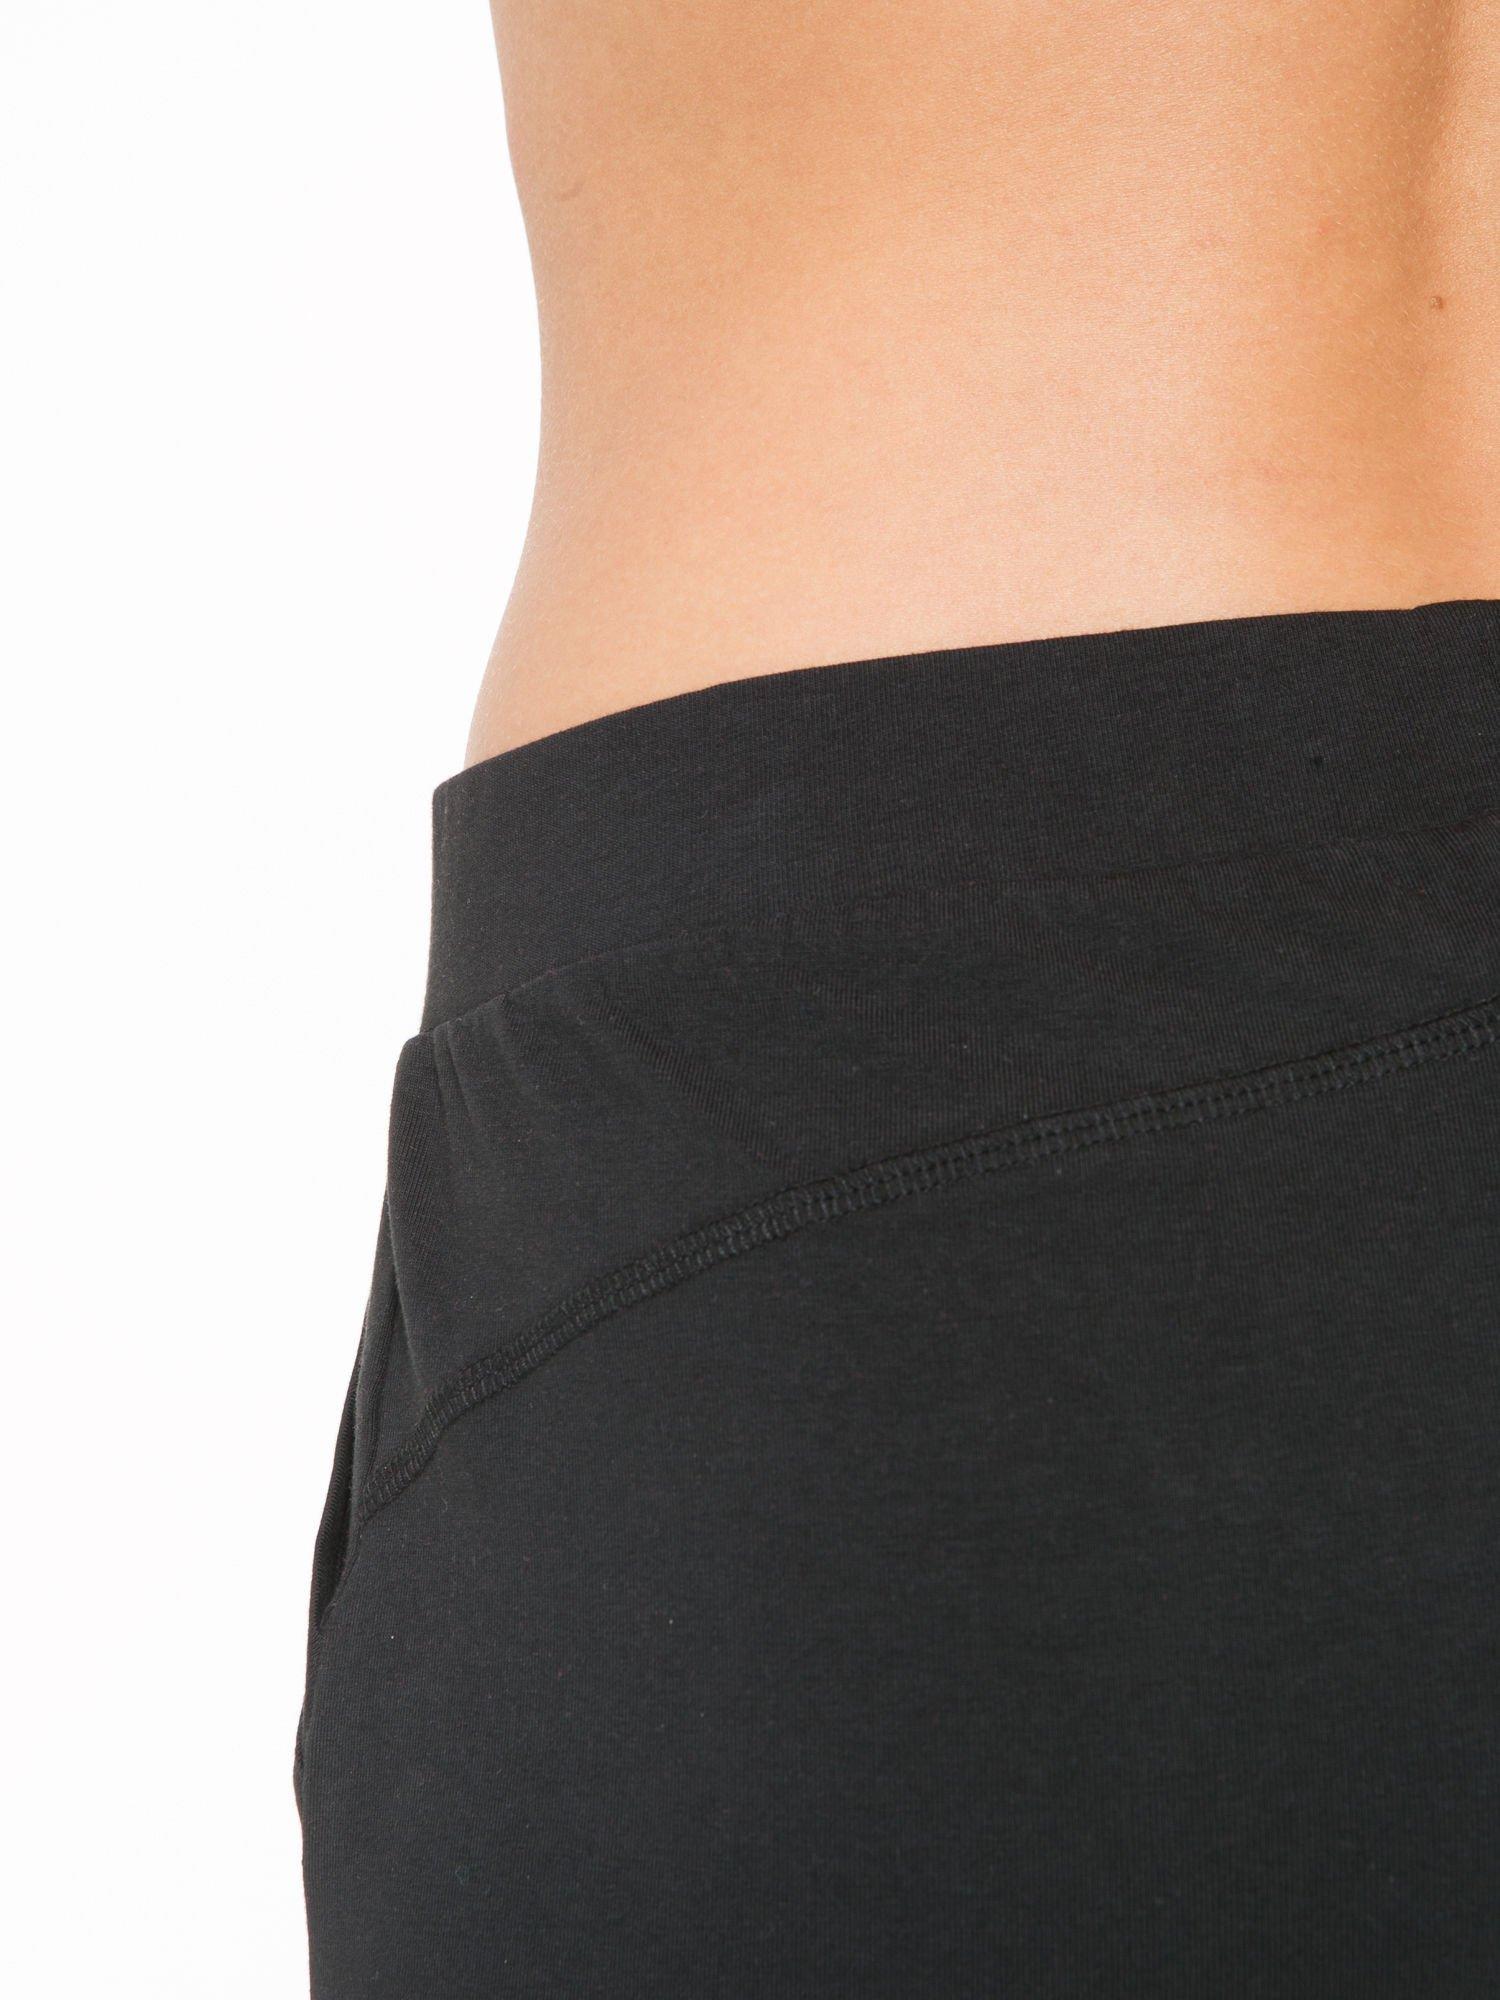 Czarne szorty dresowe z kieszeniami                                  zdj.                                  8